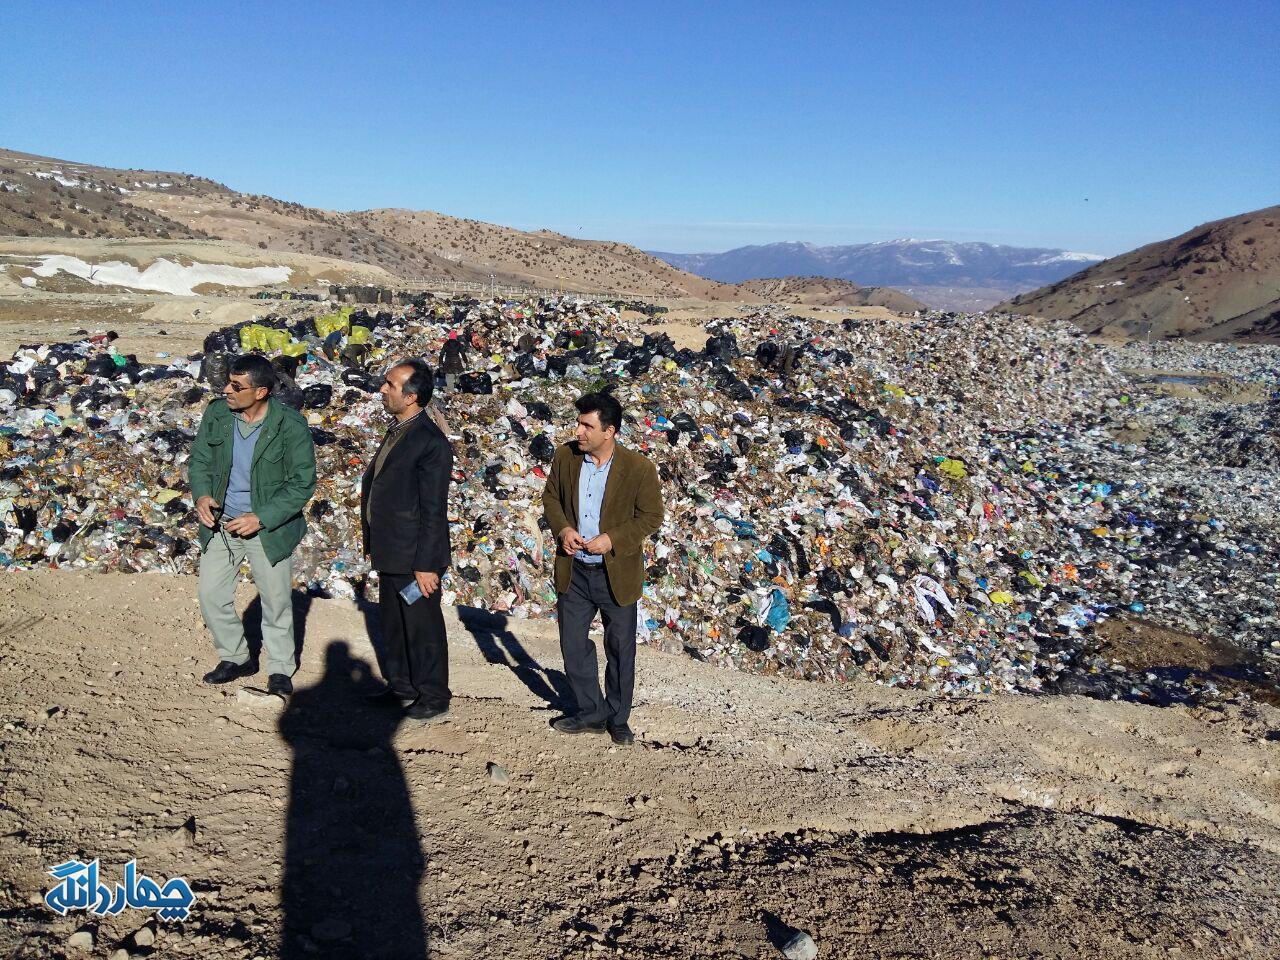 گزارش از وضعیت دپوی زباله ساری در پشتکوه چهاردانگه